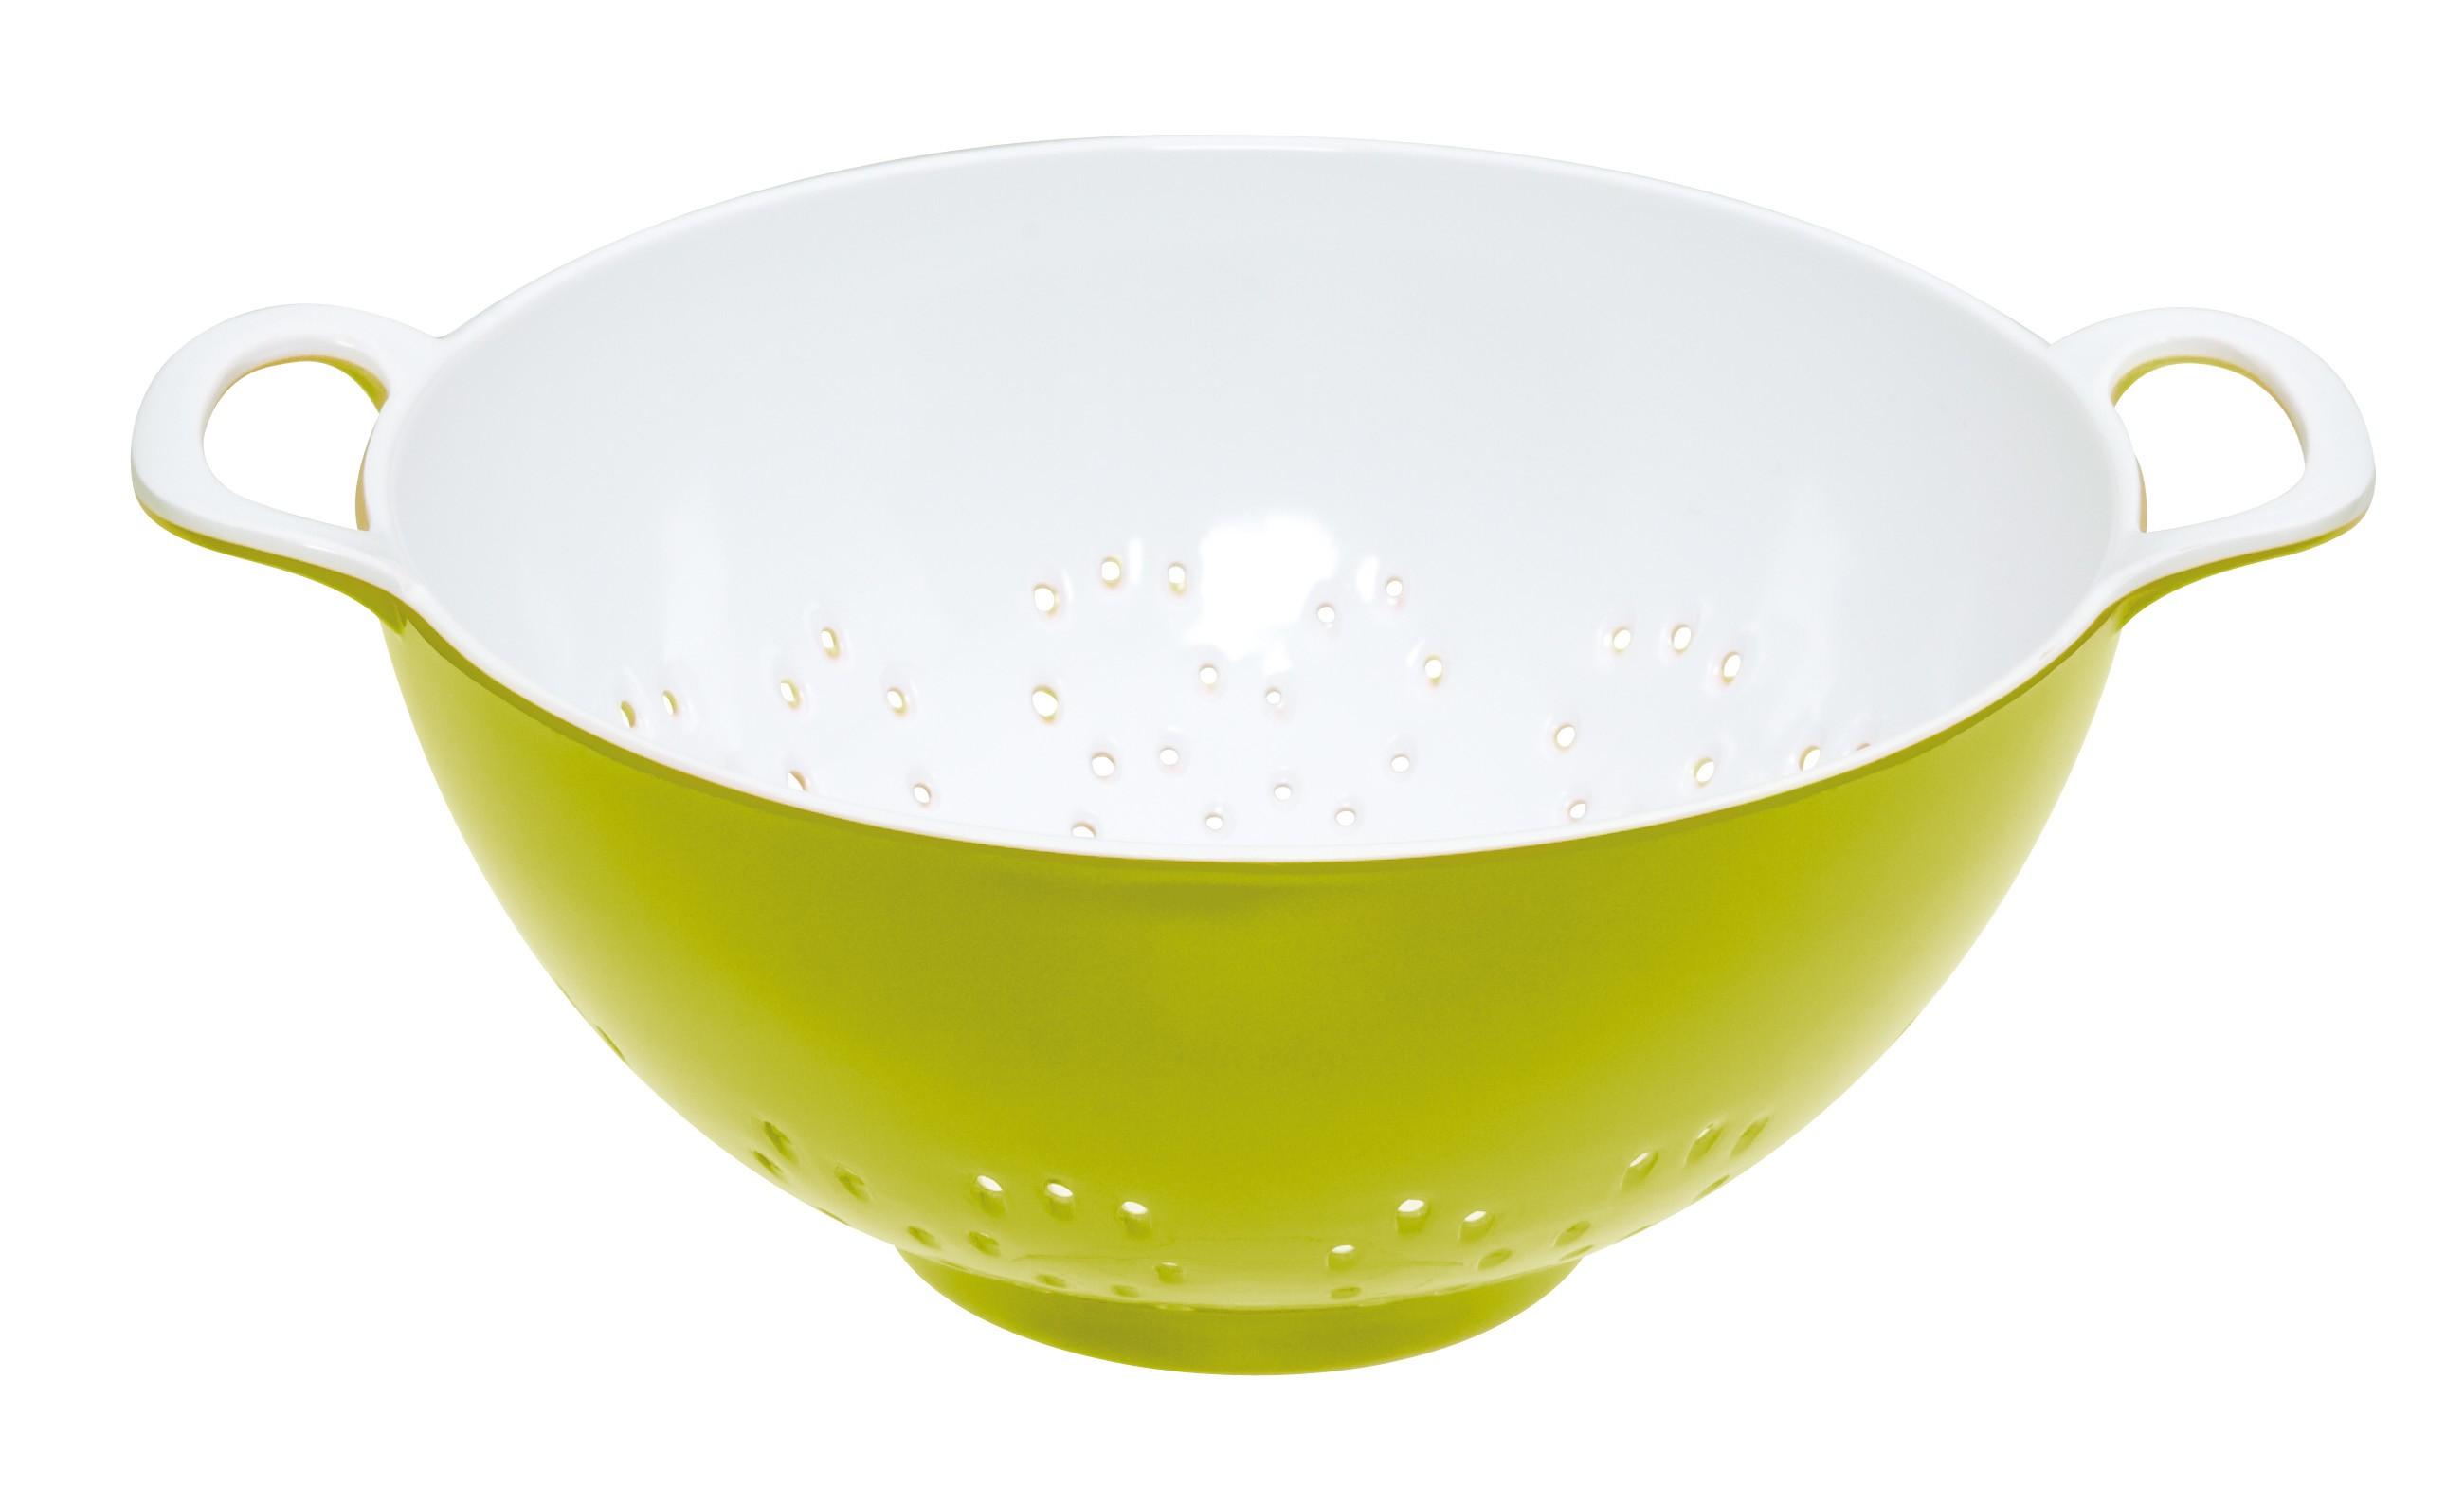 Σουρωτήρι colourworks μελαμίνης λαχανί 15cm home   εργαλεια κουζινας   σουρωτήρια